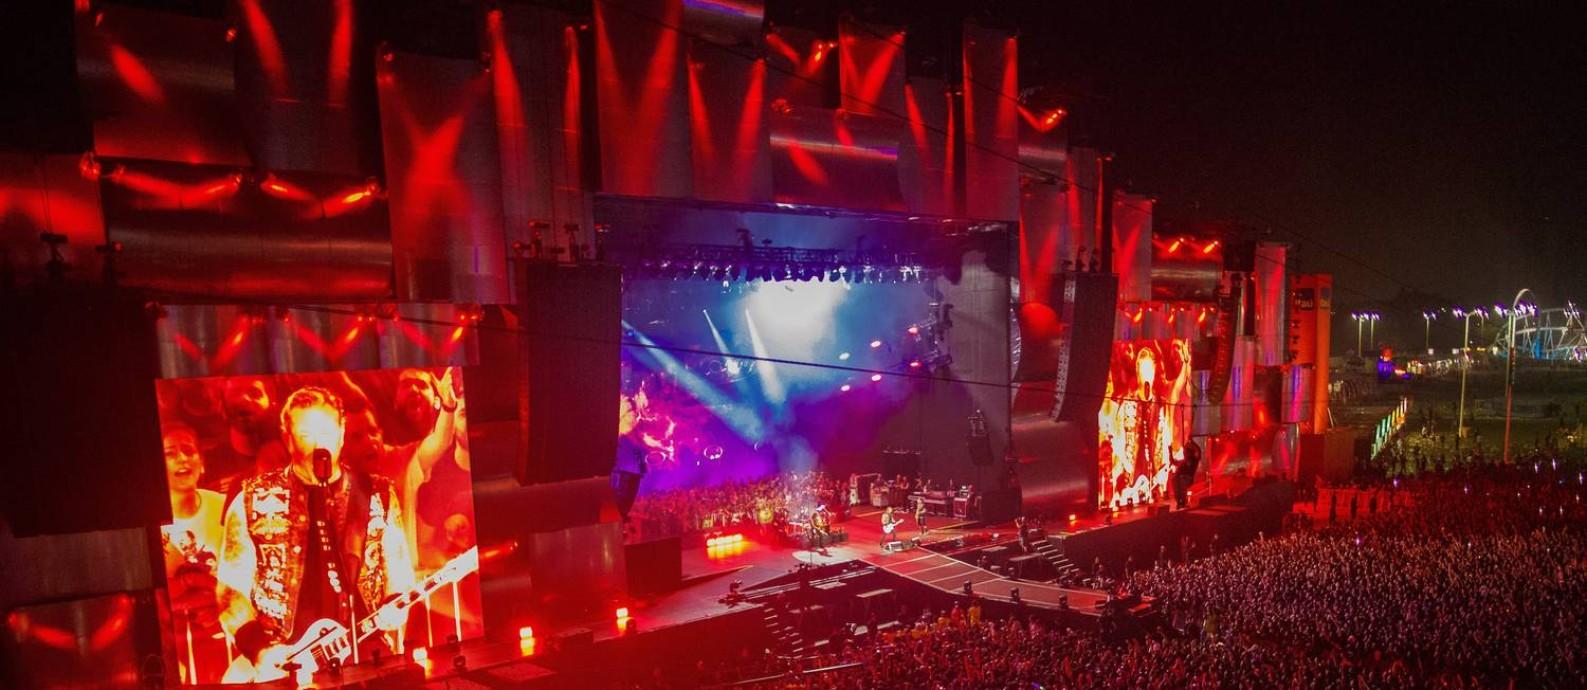 Show do Metallica no Rock in Rio, em 2015 Foto: Daniel Marenco/Agência O Globo